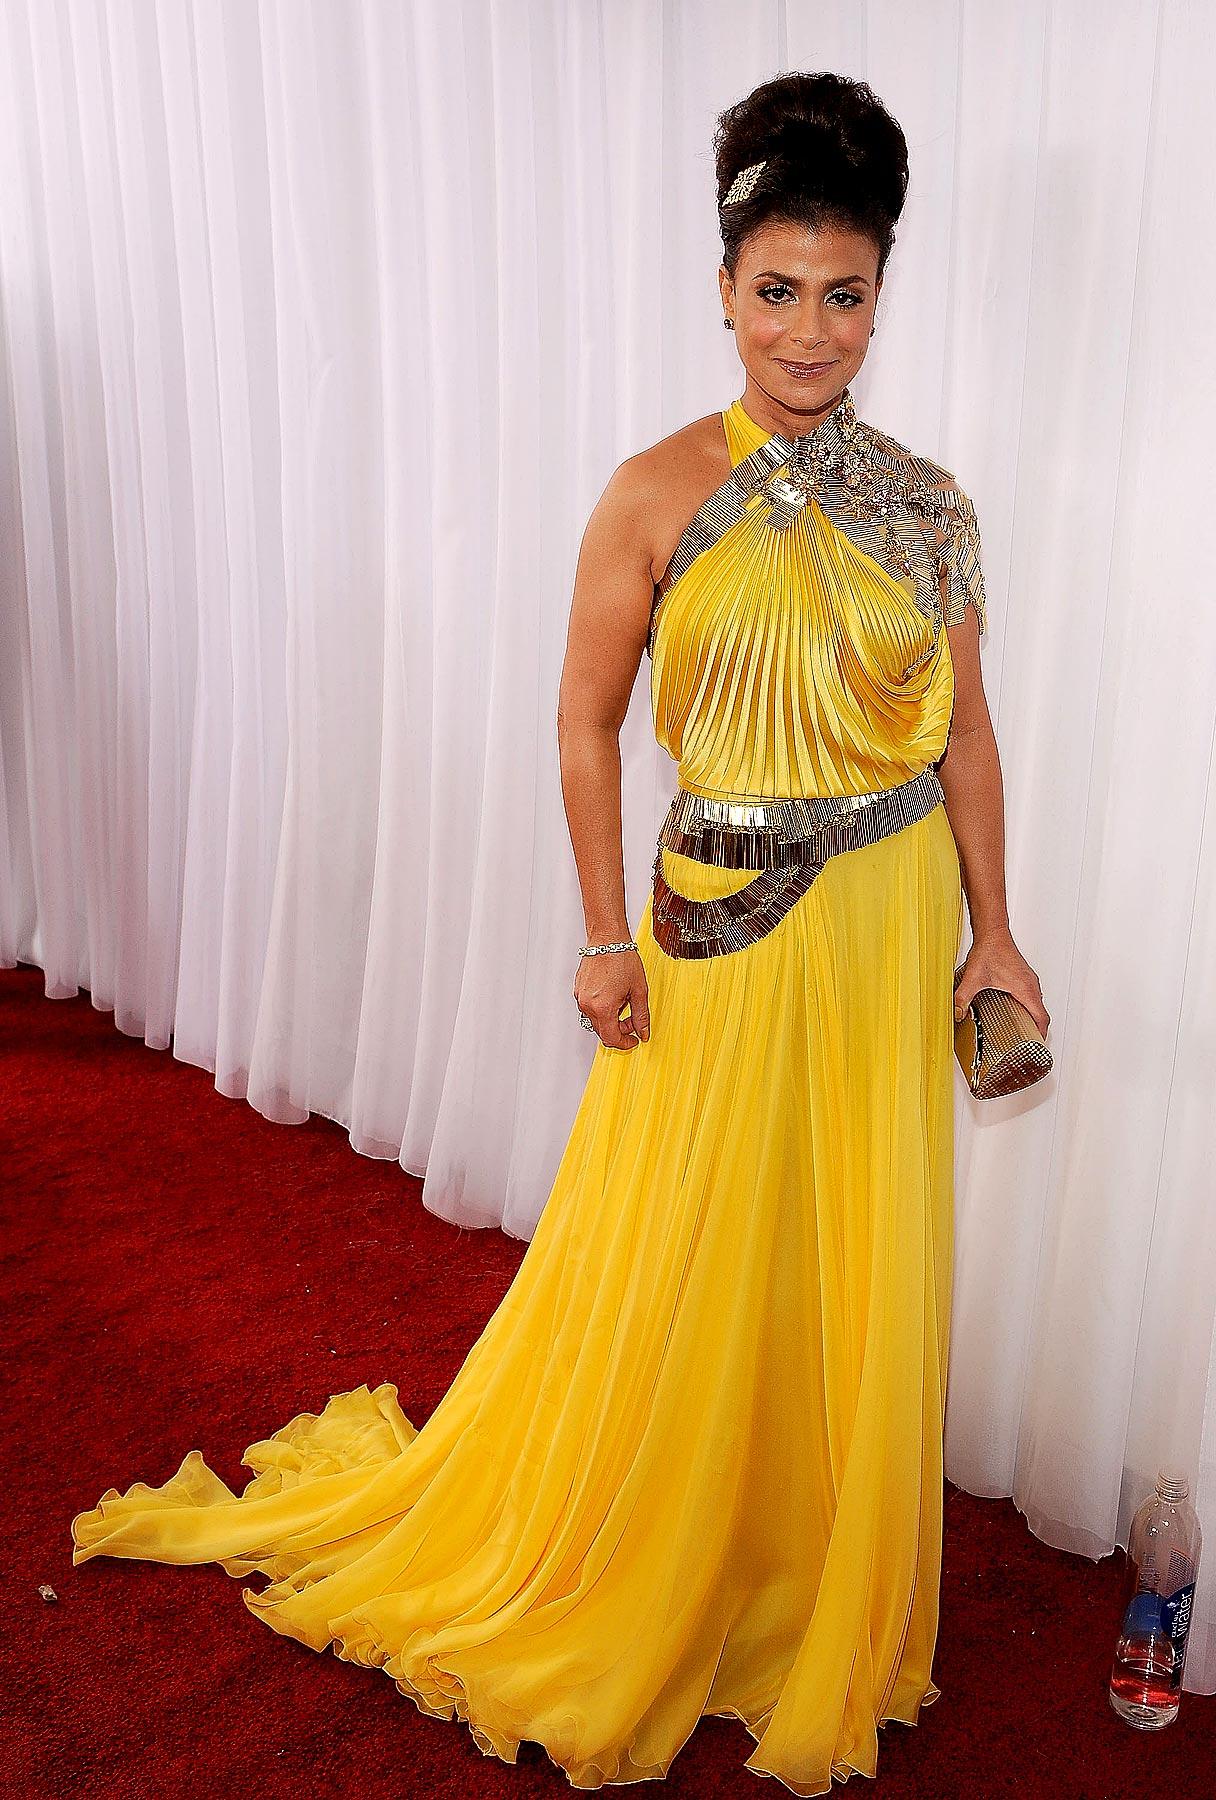 Grammy Awards Fashion: What Happened?